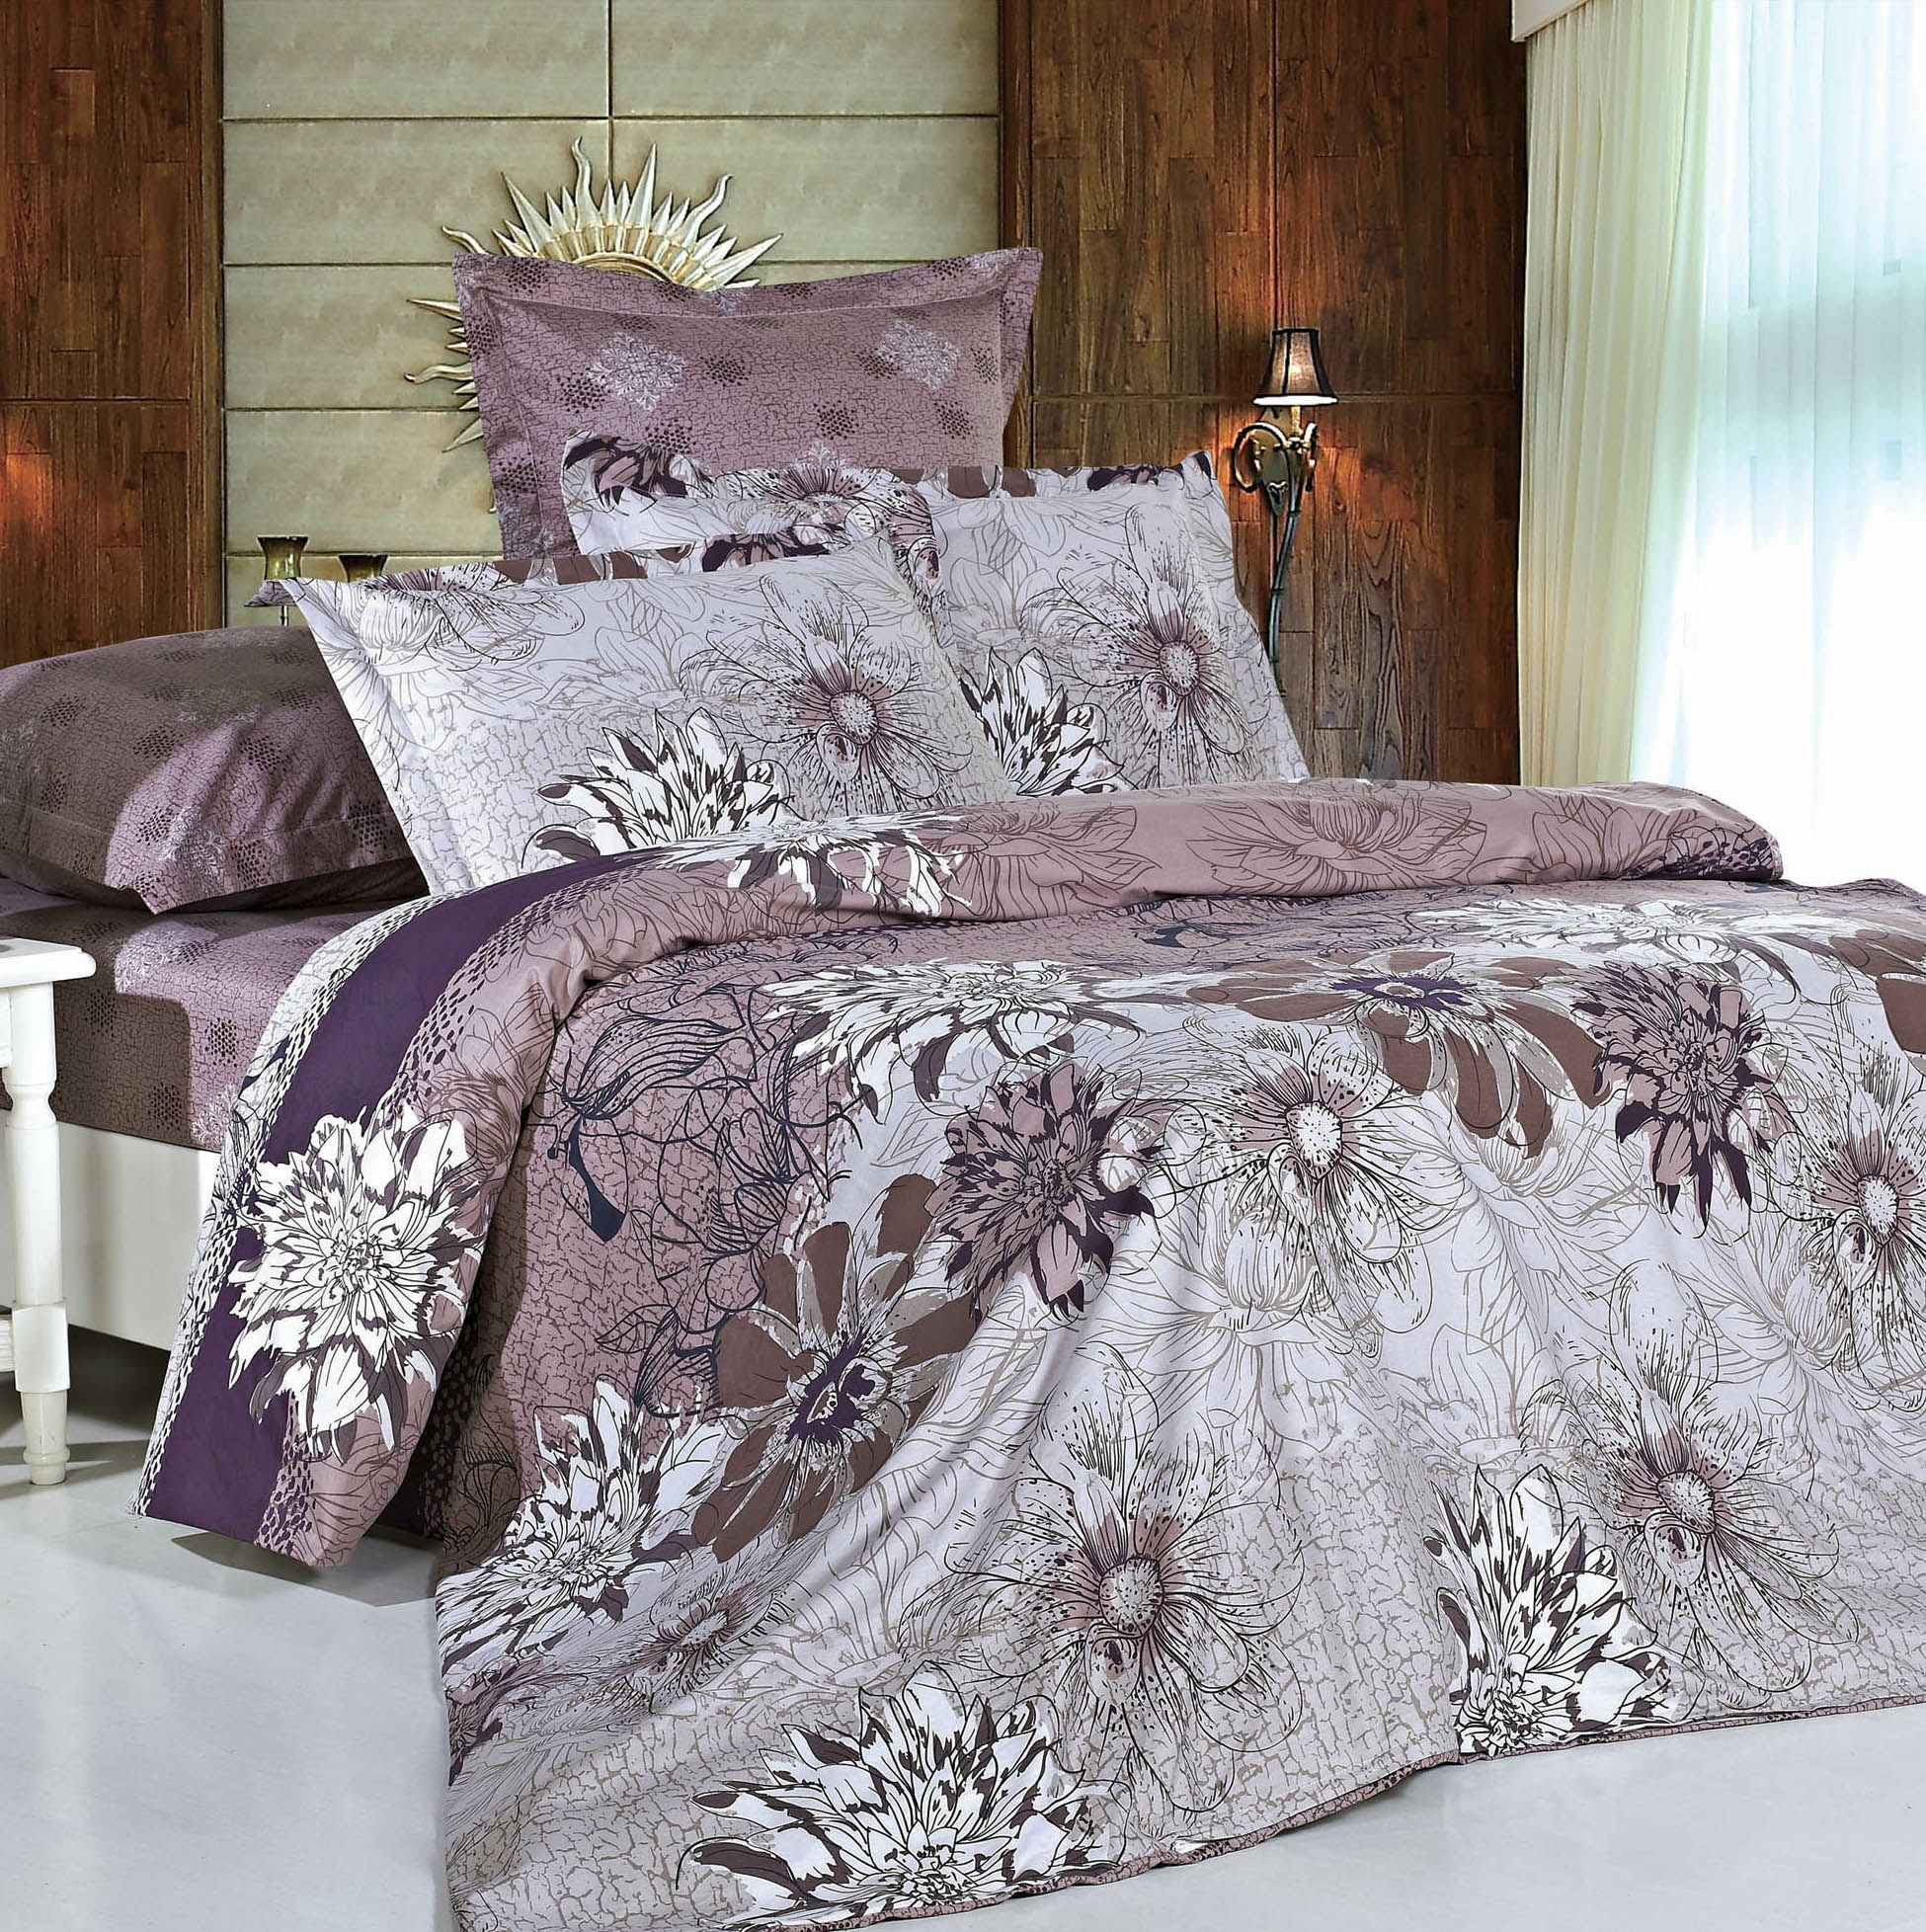 Купить Комплекты постельного белья СайлиД, Постельное белье Azel B-123 (2 сп. евро), Китай, Сиреневый, Фиолетовый, Хлопковый сатин